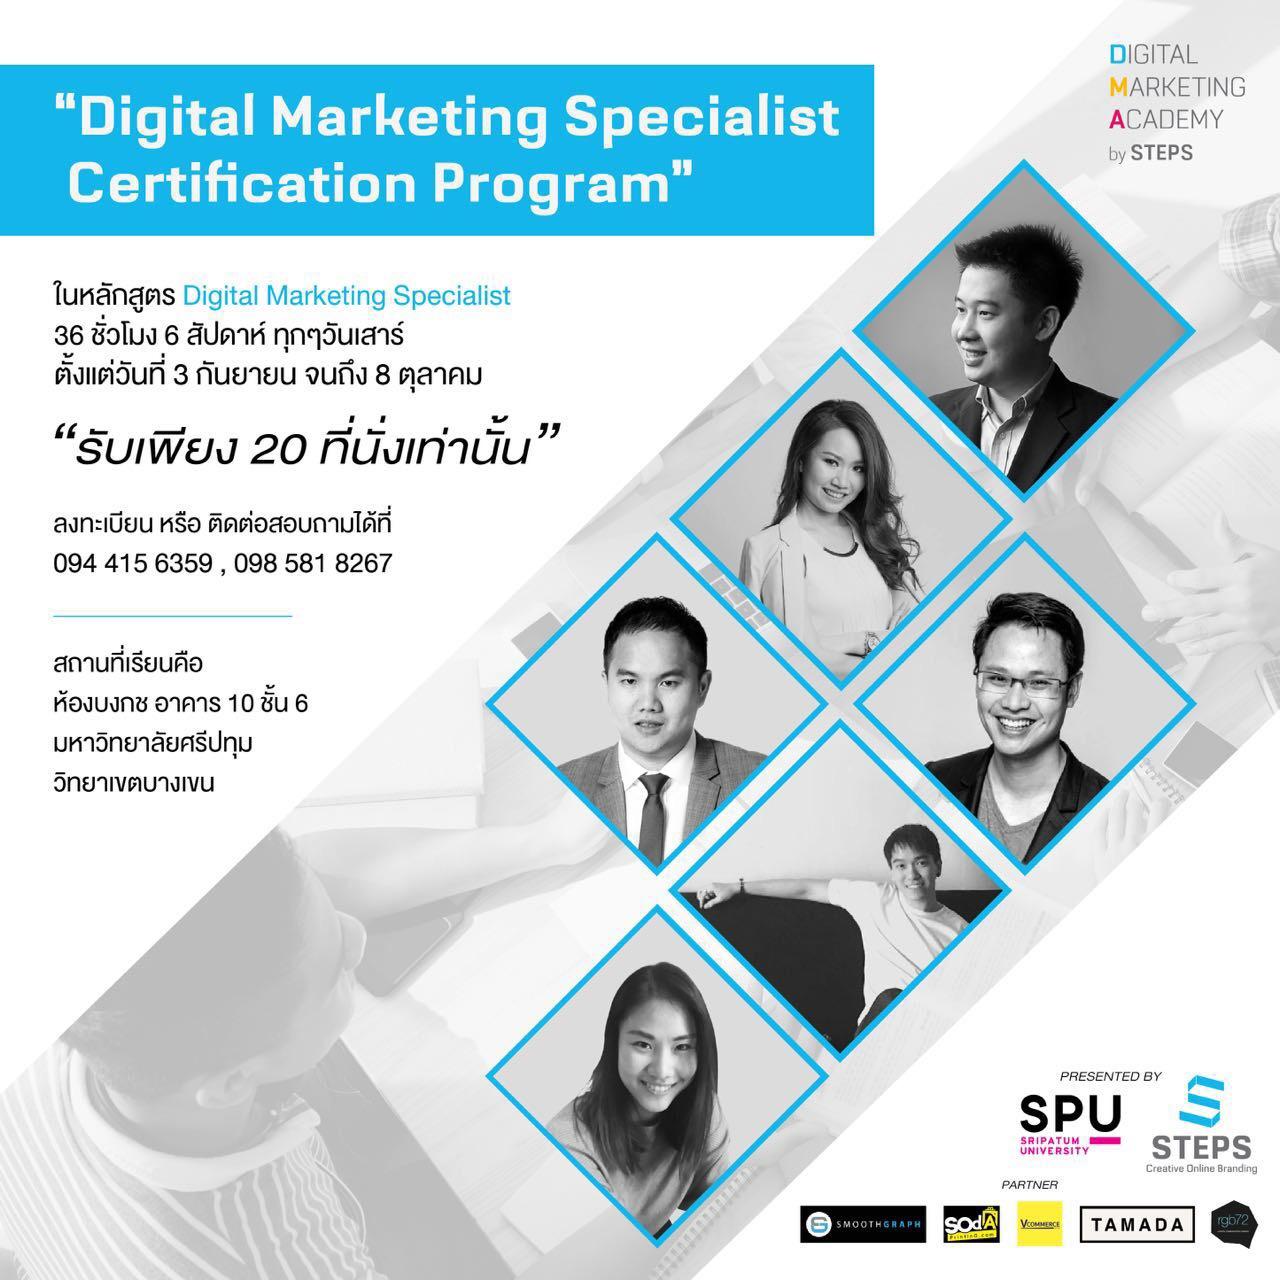 หลักสูตร Digital Marketing Specialist Certificate Program , ธีรศานต์ สหัสสพาศน์ , SOdAPrintinG.com, @mmie, มหาวิทยาลัยศรีปทุม